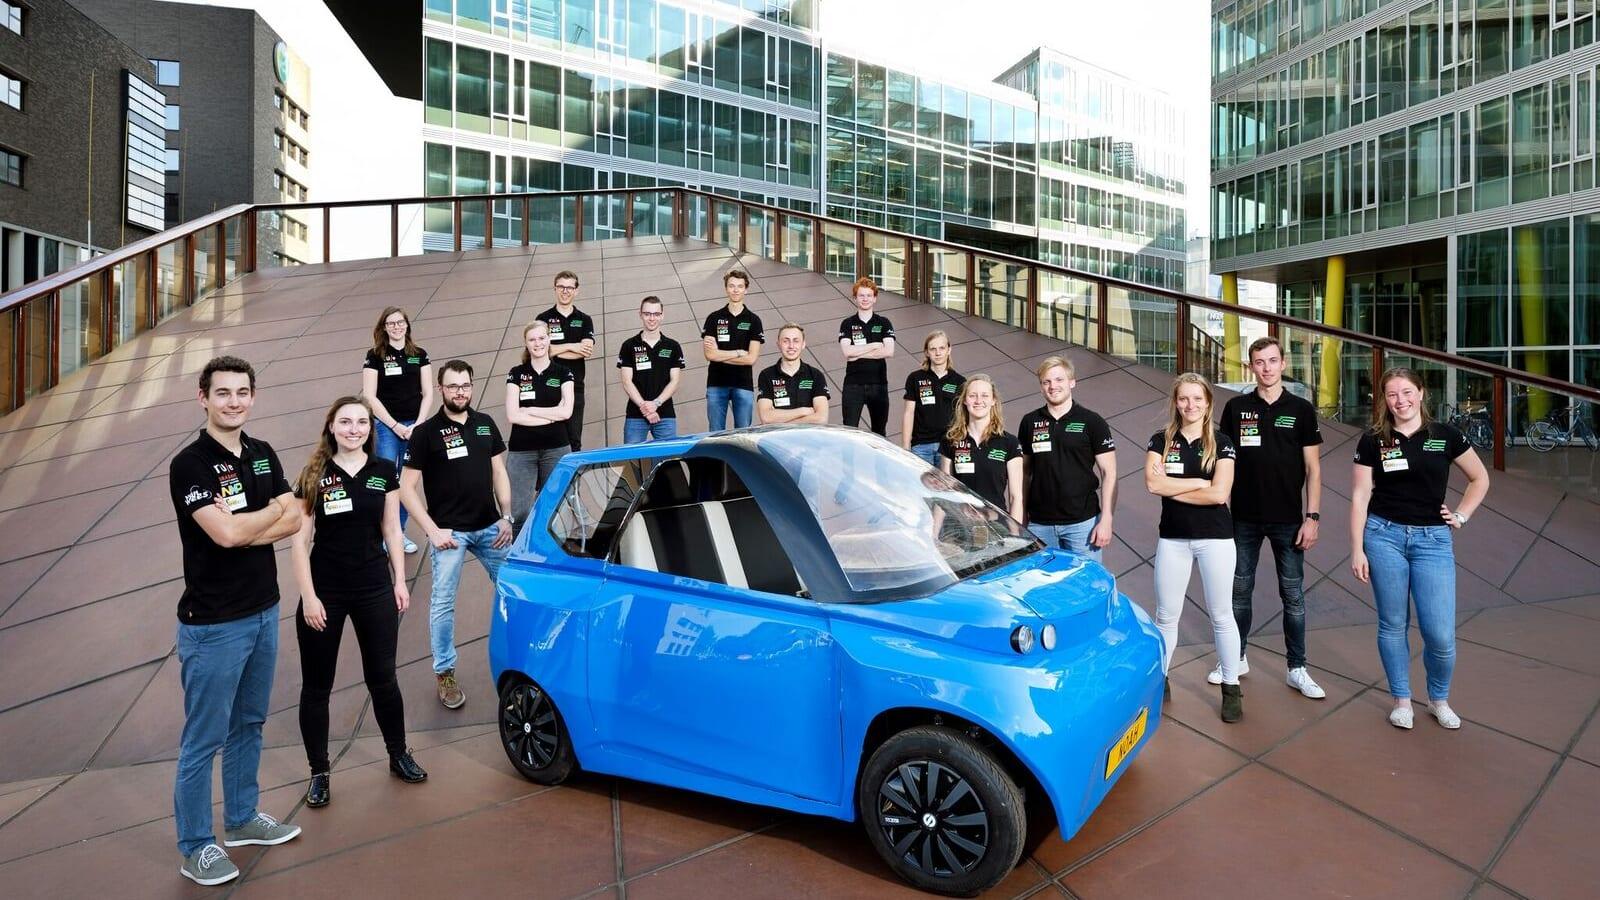 世界初、オランダの大学が開発した「オーガニックな車」